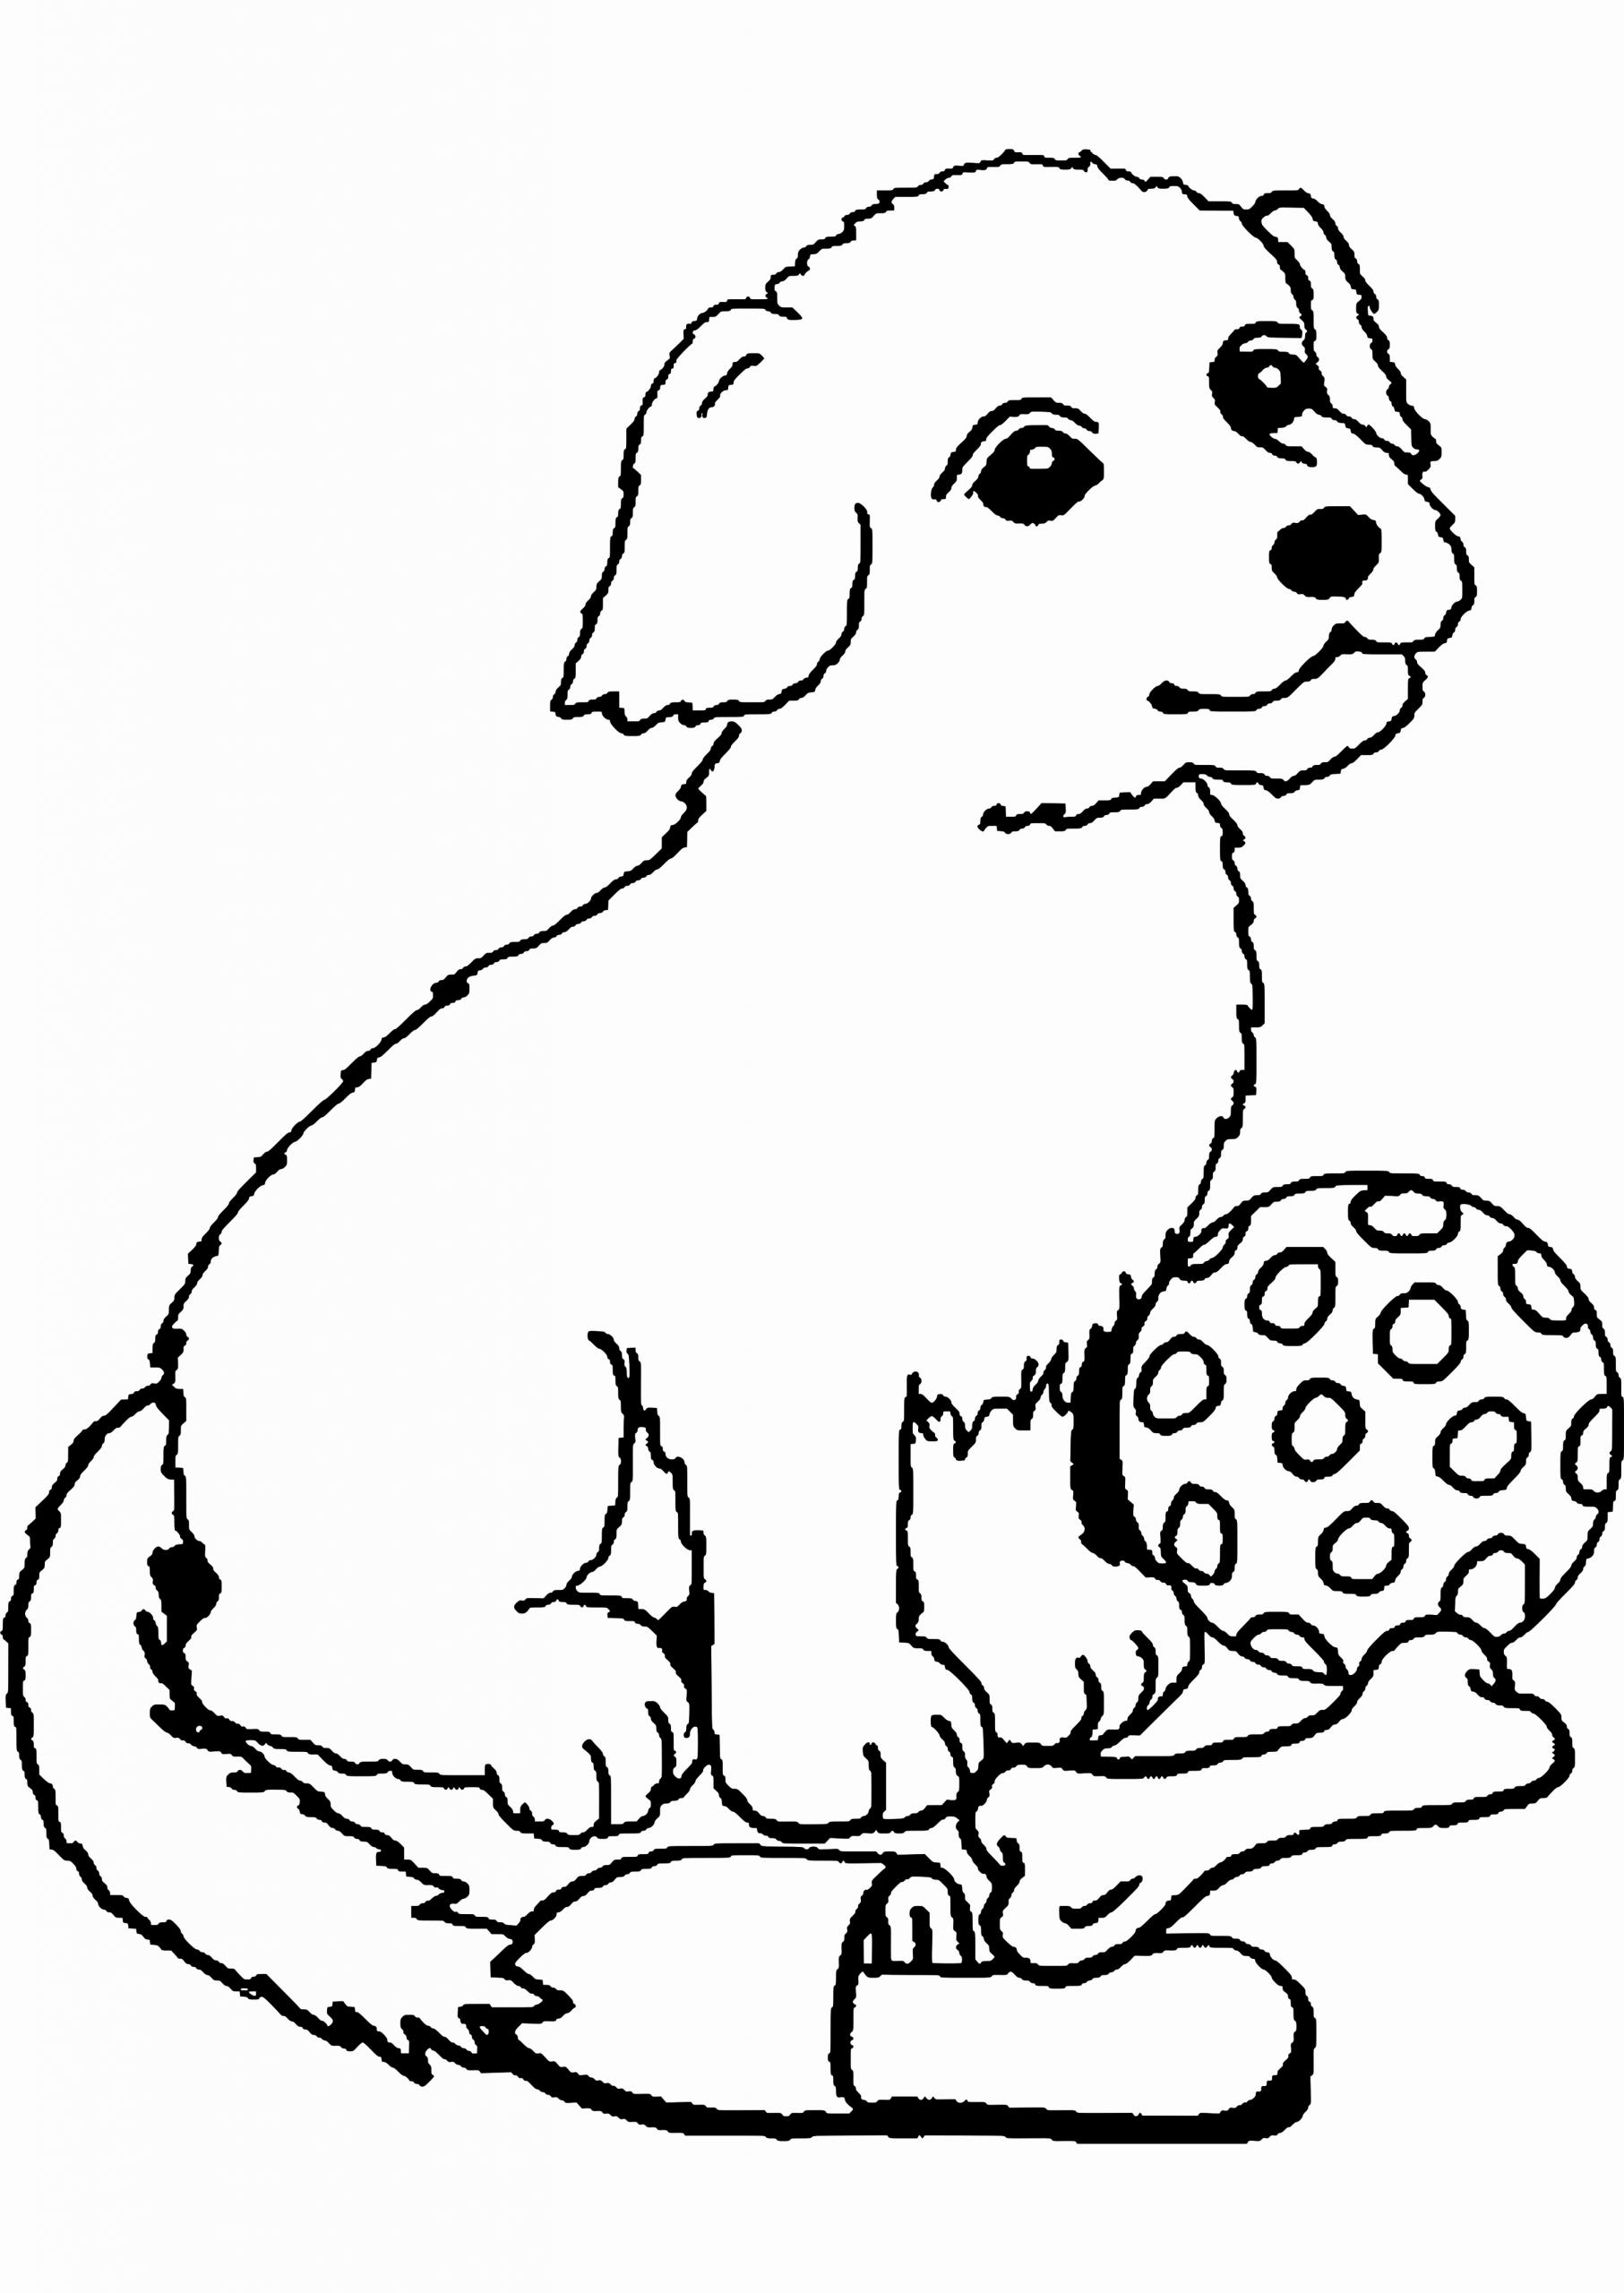 Ausmalbilder Hunde Zum Ausdrucken Einzigartig Mandala innen Ausmalbilder Von Hunden